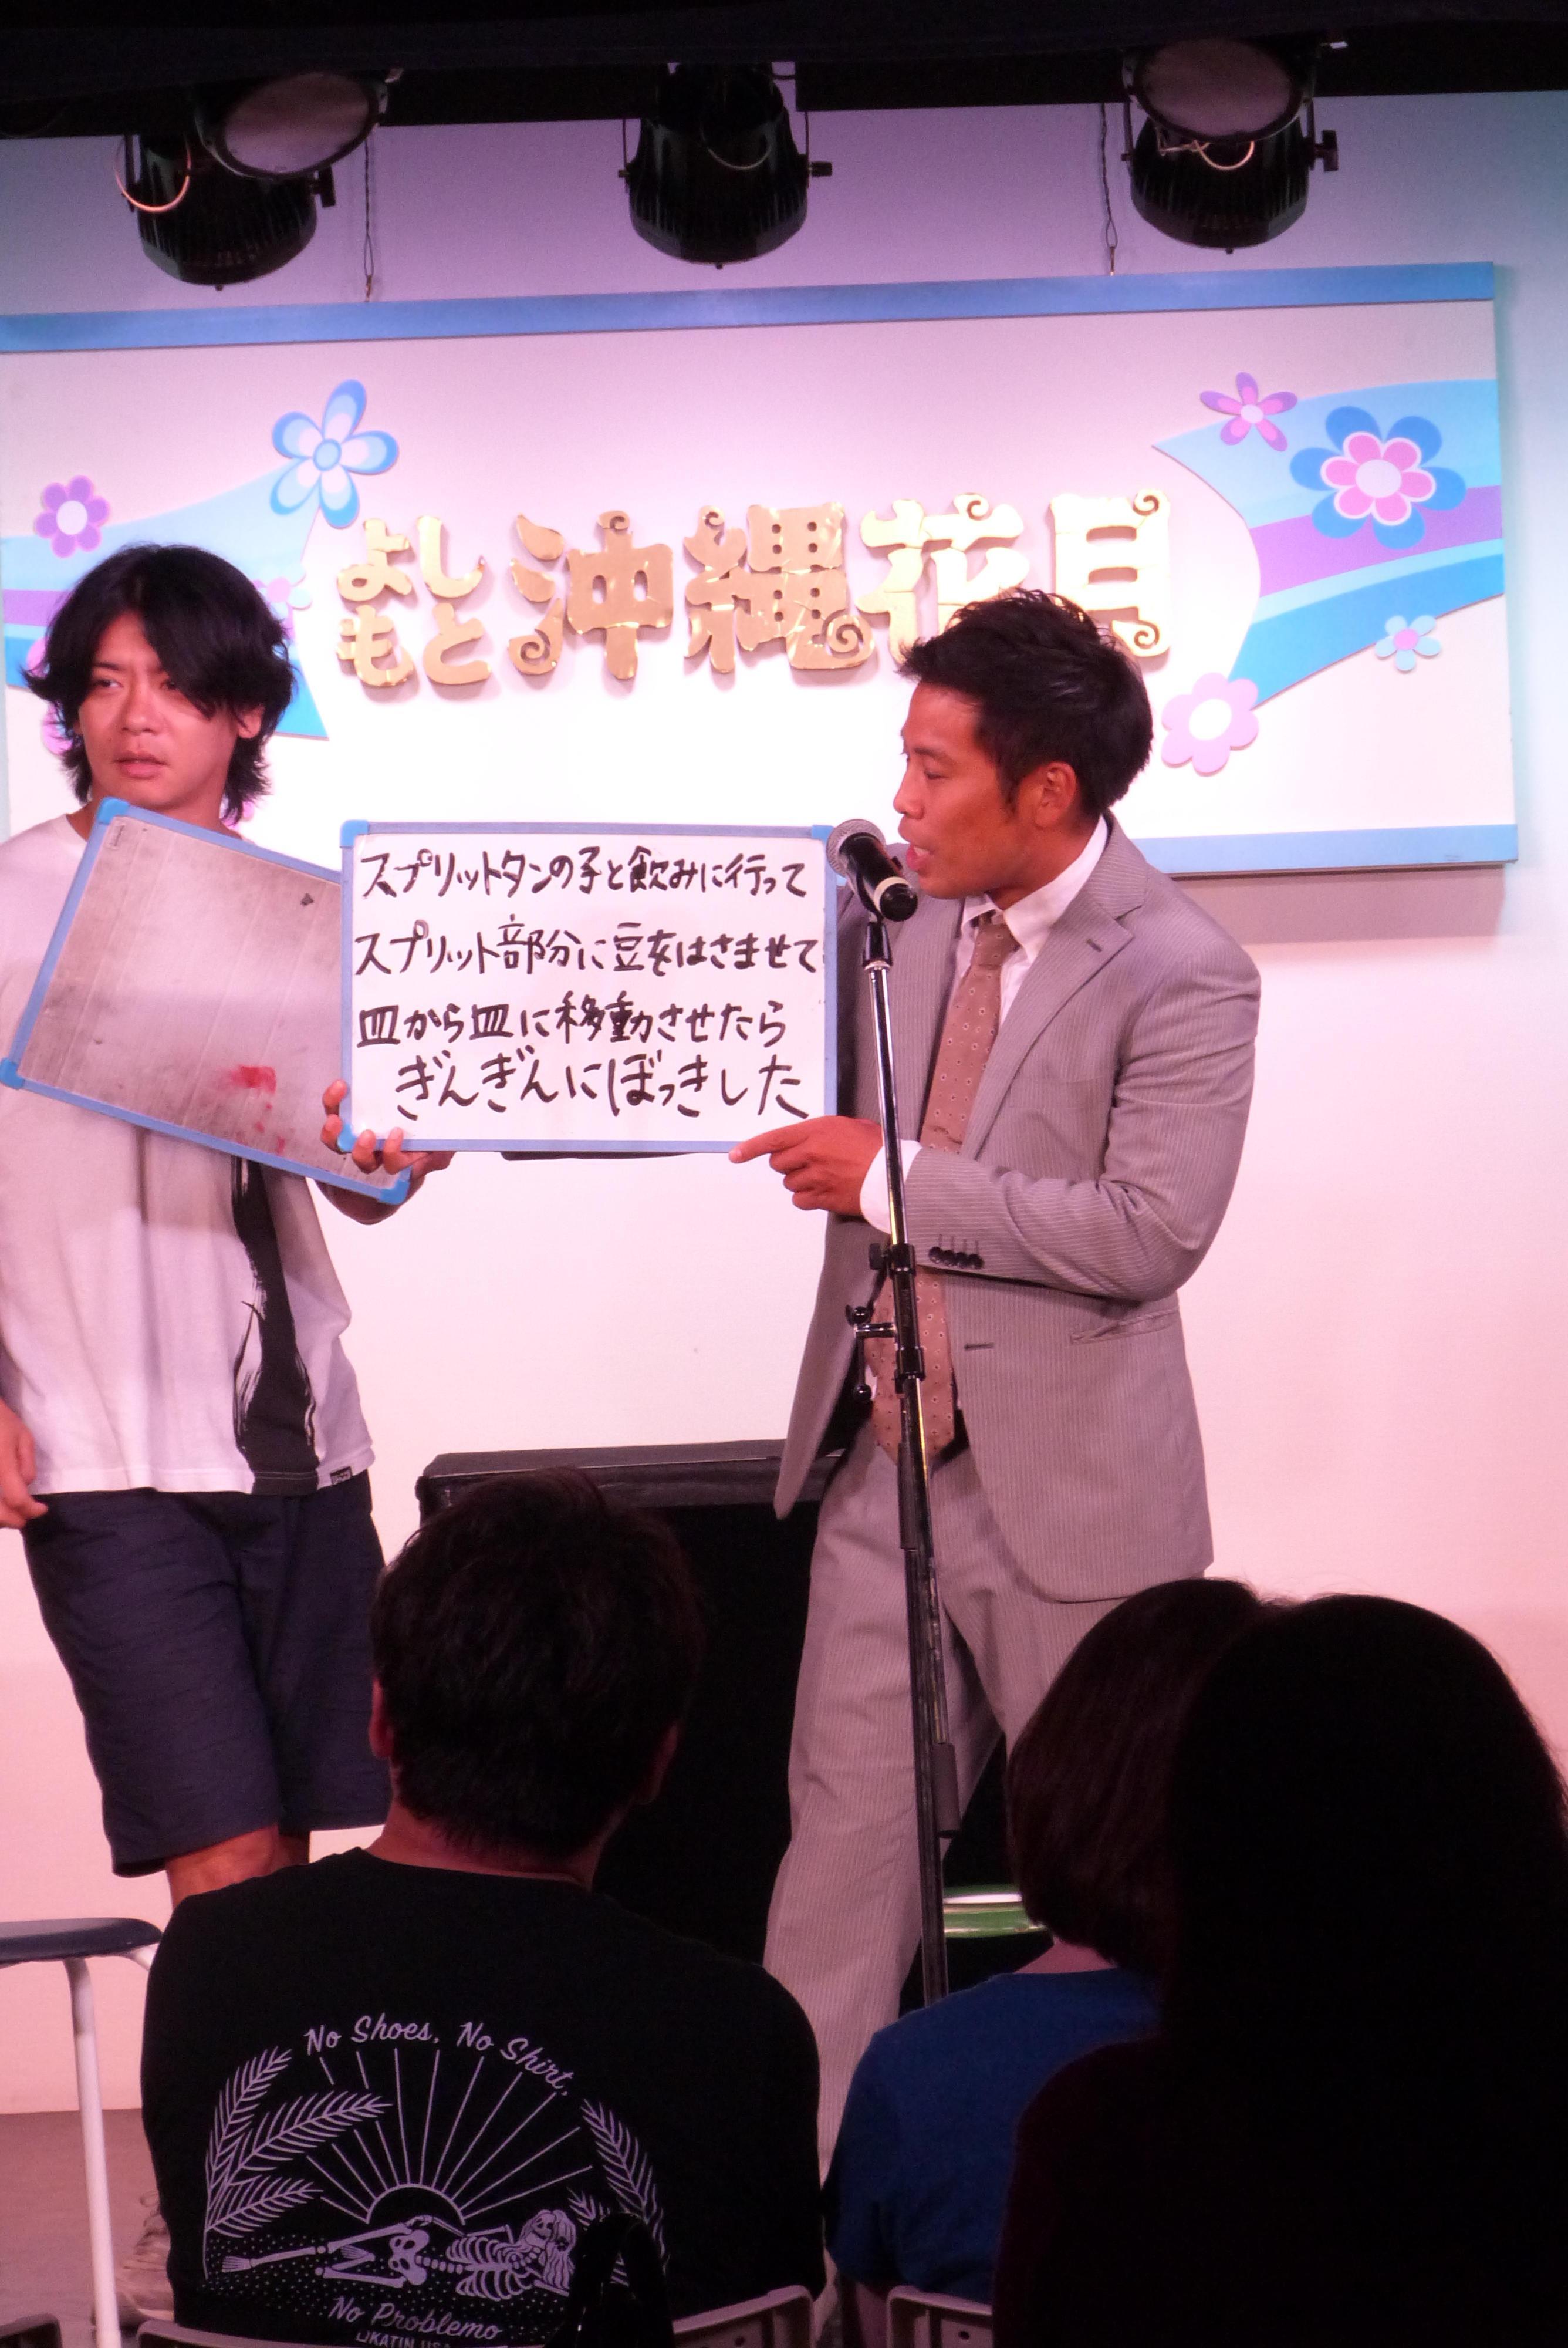 http://news.yoshimoto.co.jp/20180824193744-1966a7a3c49eb23587e3ae15aba506059f7996f1.jpg